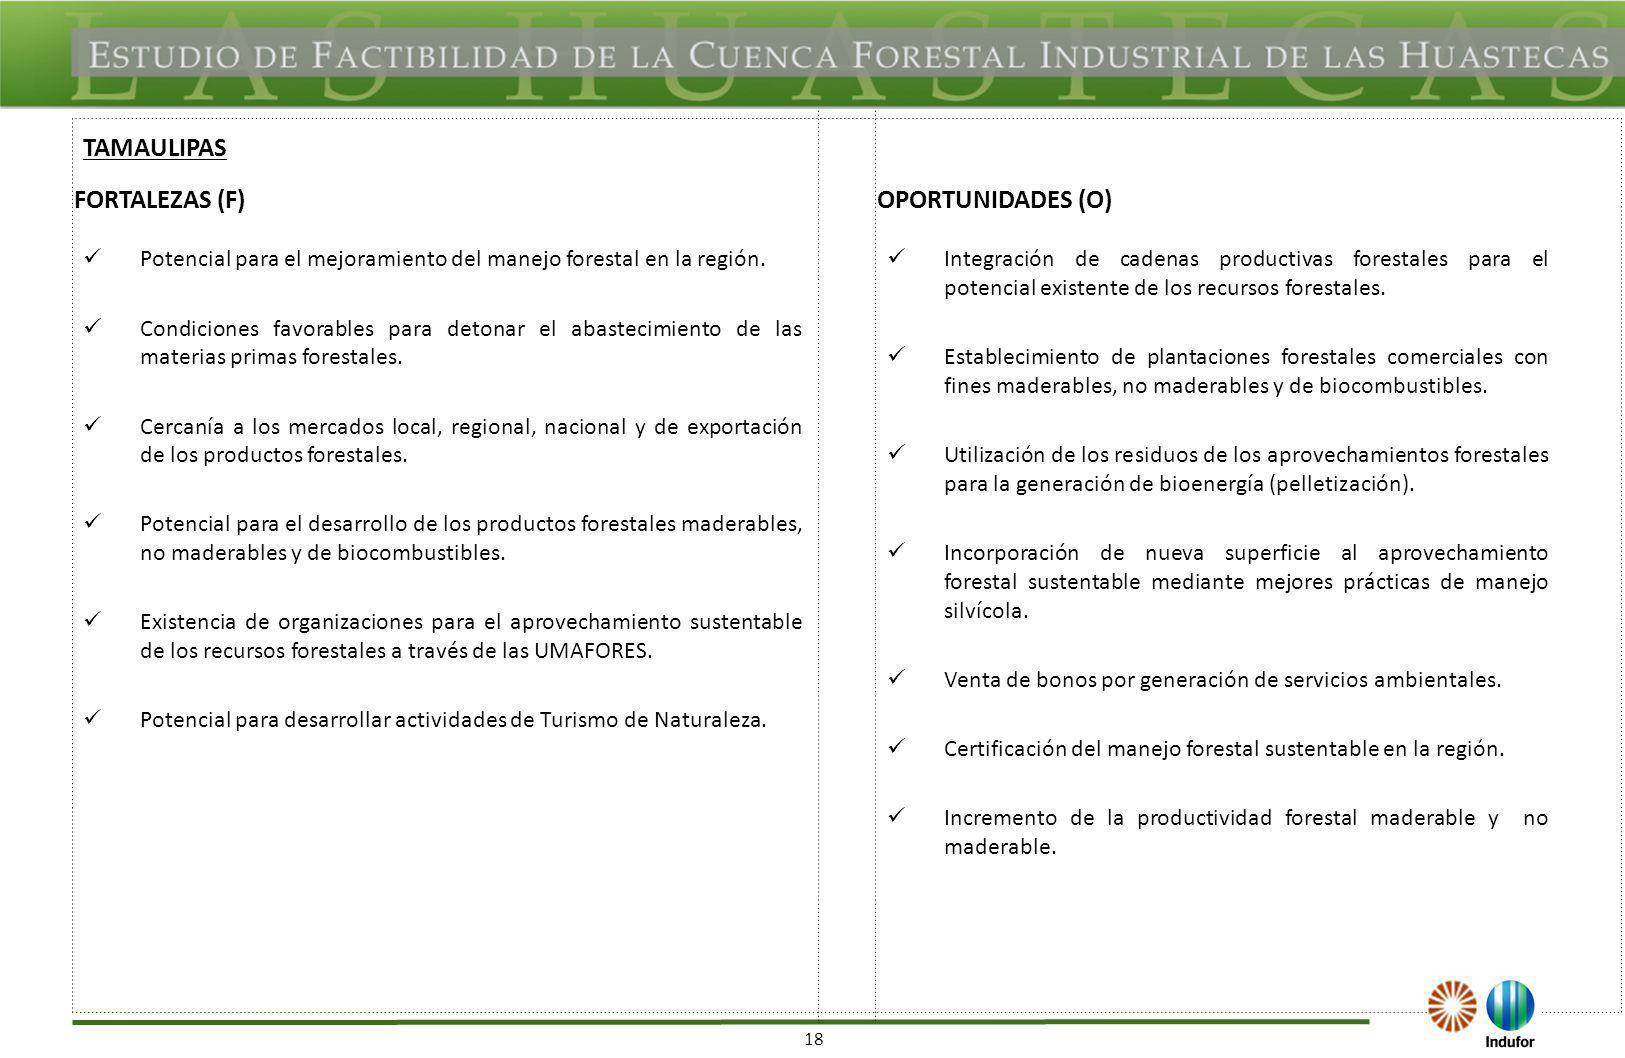 18 FORTALEZAS (F)OPORTUNIDADES (O) Potencial para el mejoramiento del manejo forestal en la región. Condiciones favorables para detonar el abastecimie